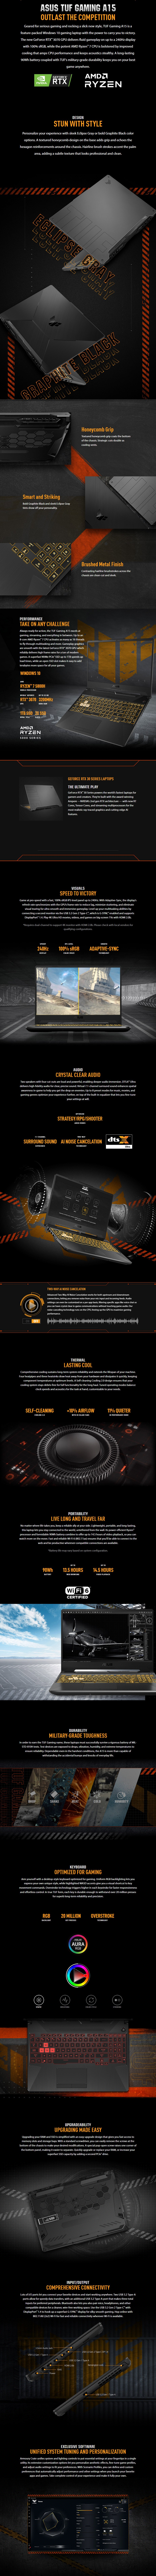 asus-tuf-gaming-a15-156-240hz-gaming-laptop-r75800h-16gb-1tb-rtx3070-w10h-ac41578-9.jpg